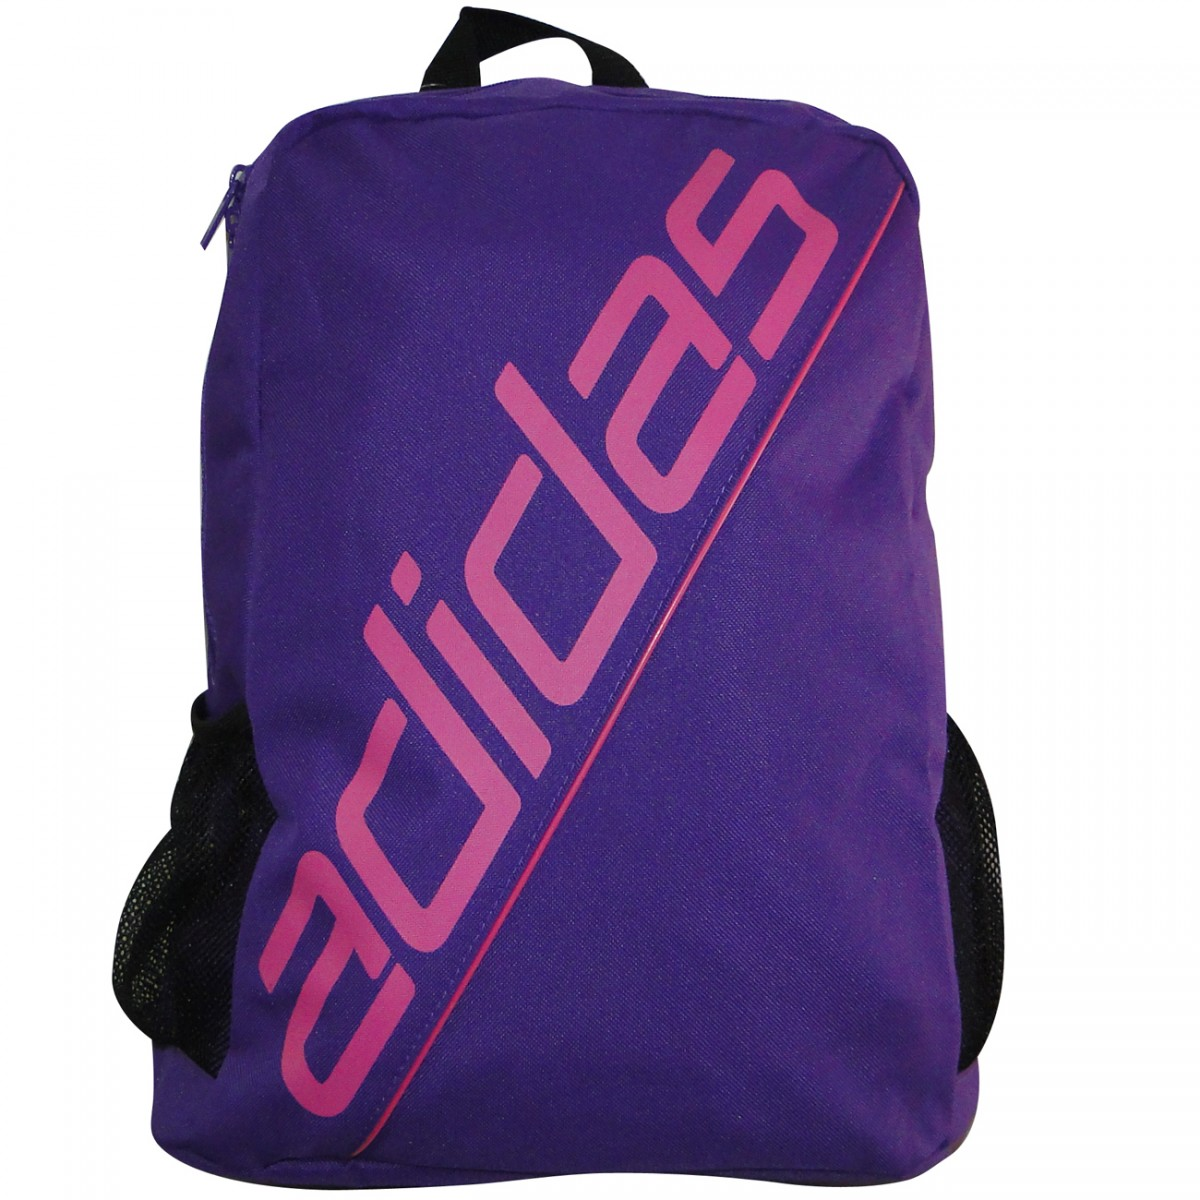 4b510ed25 Mochila Adidas Ess Ref.v86791 1293 - ROXO/PINK - Chuteira Nike, Adidas.  Sandalias Femininas. Sandy Calçados